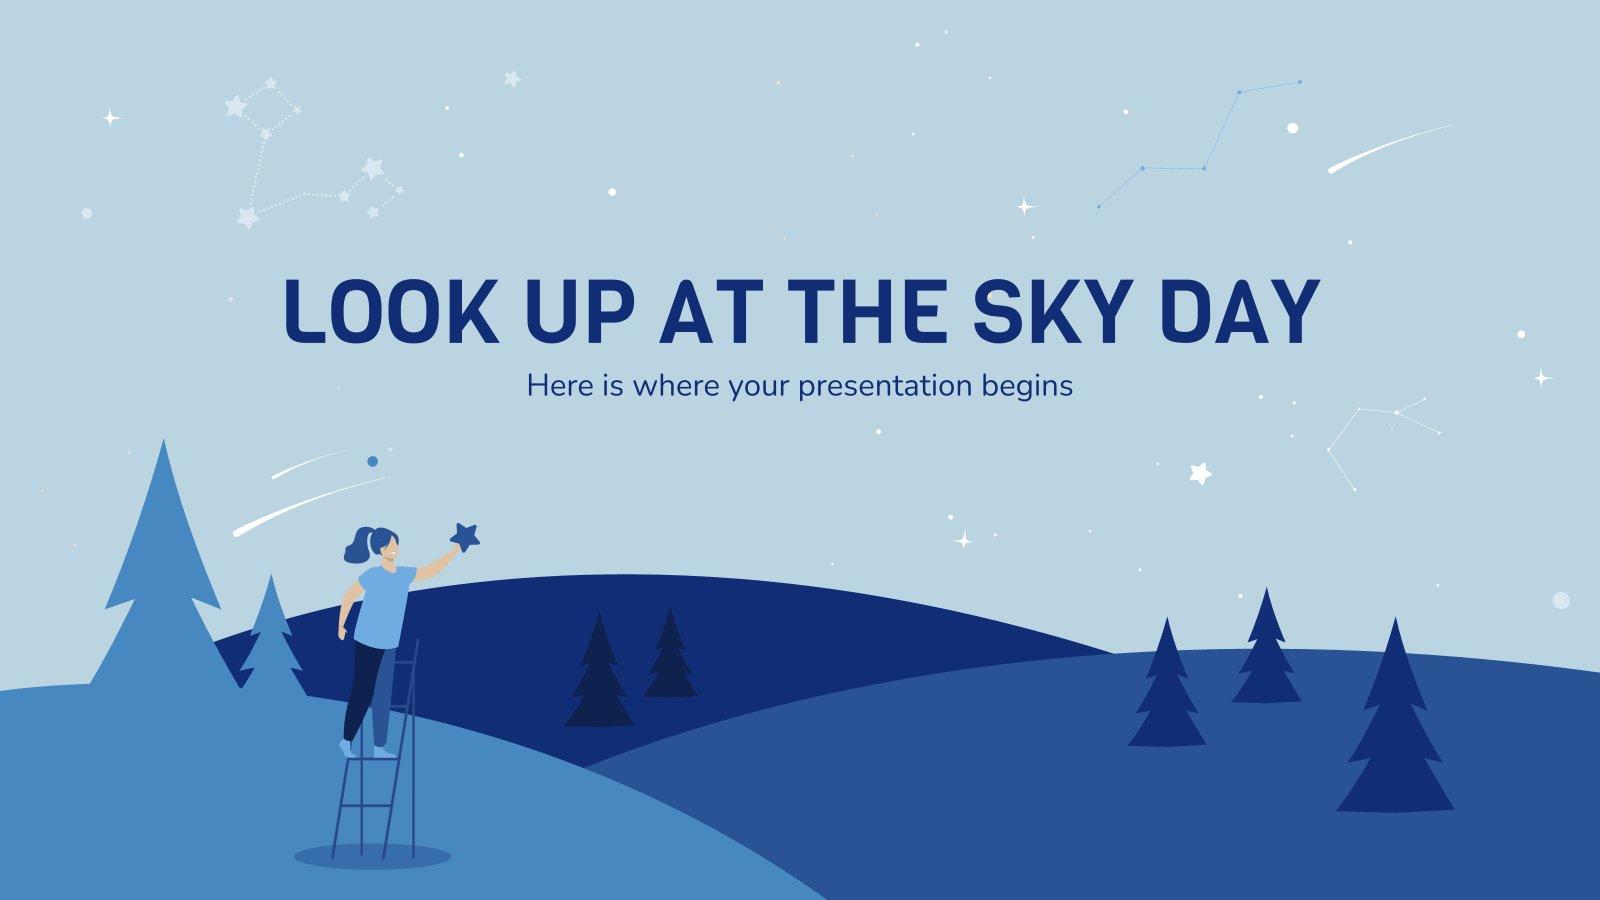 Journée de lever les yeux au ciel : Modèles de présentation